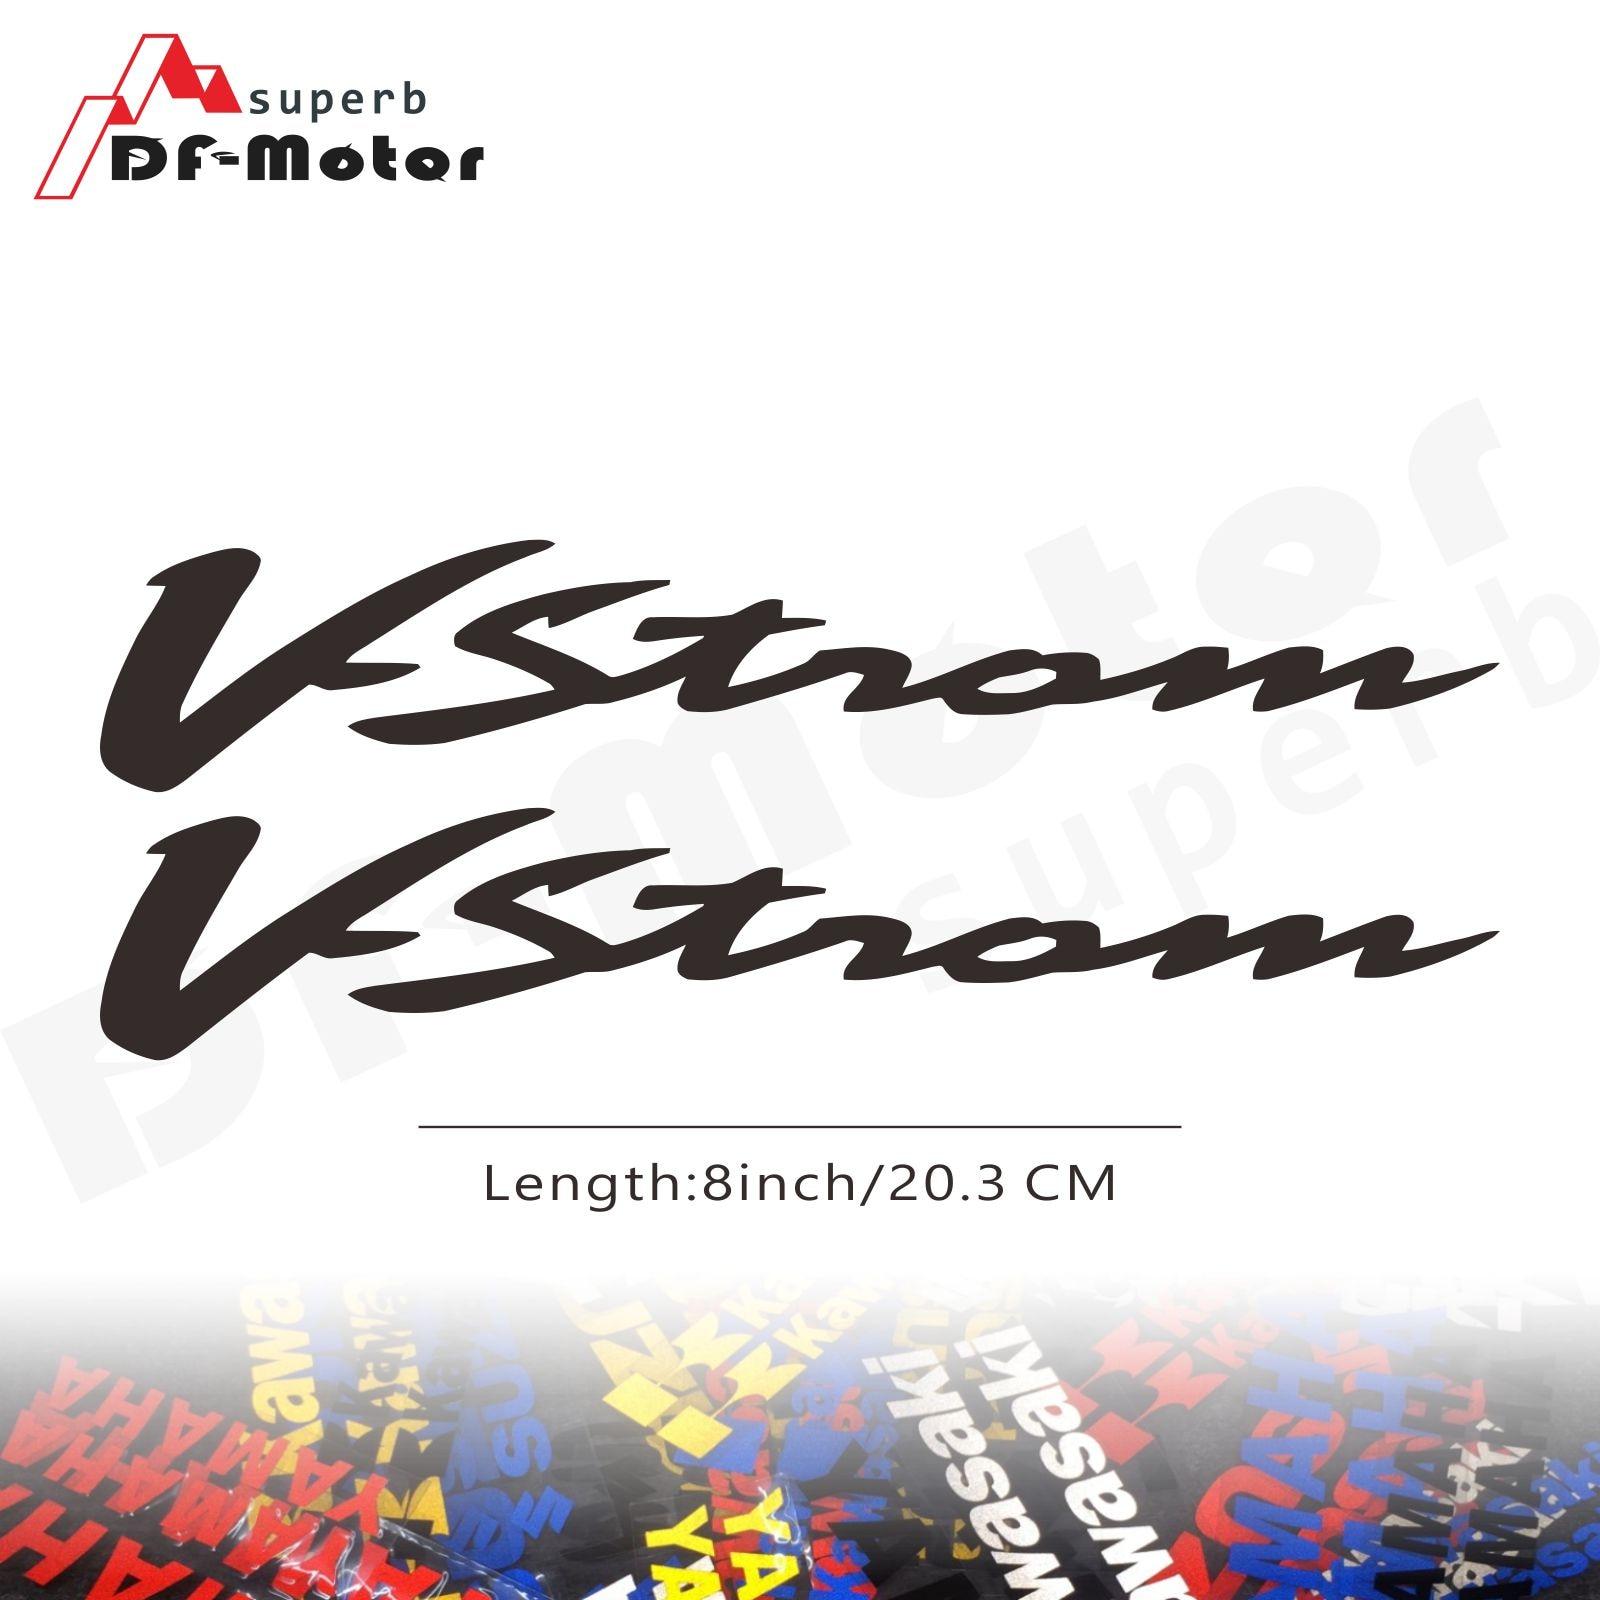 8Inch Reflective Sticker Decal Motorcycle Car Sticker Wheels Fairing Helmet Sticker Decal For Suzuki V-Strom